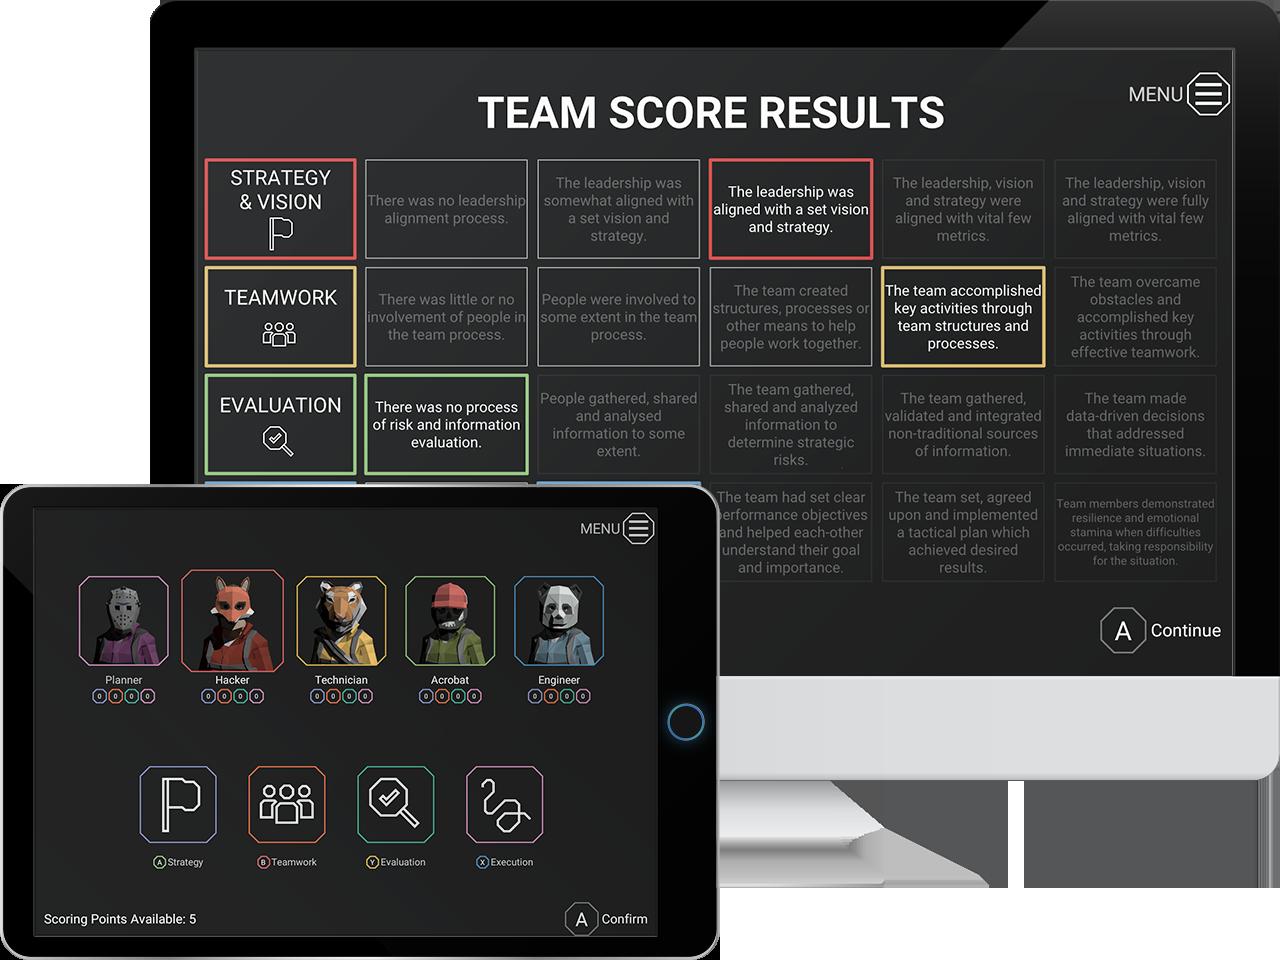 [Image: Les outils de coaching 360°]